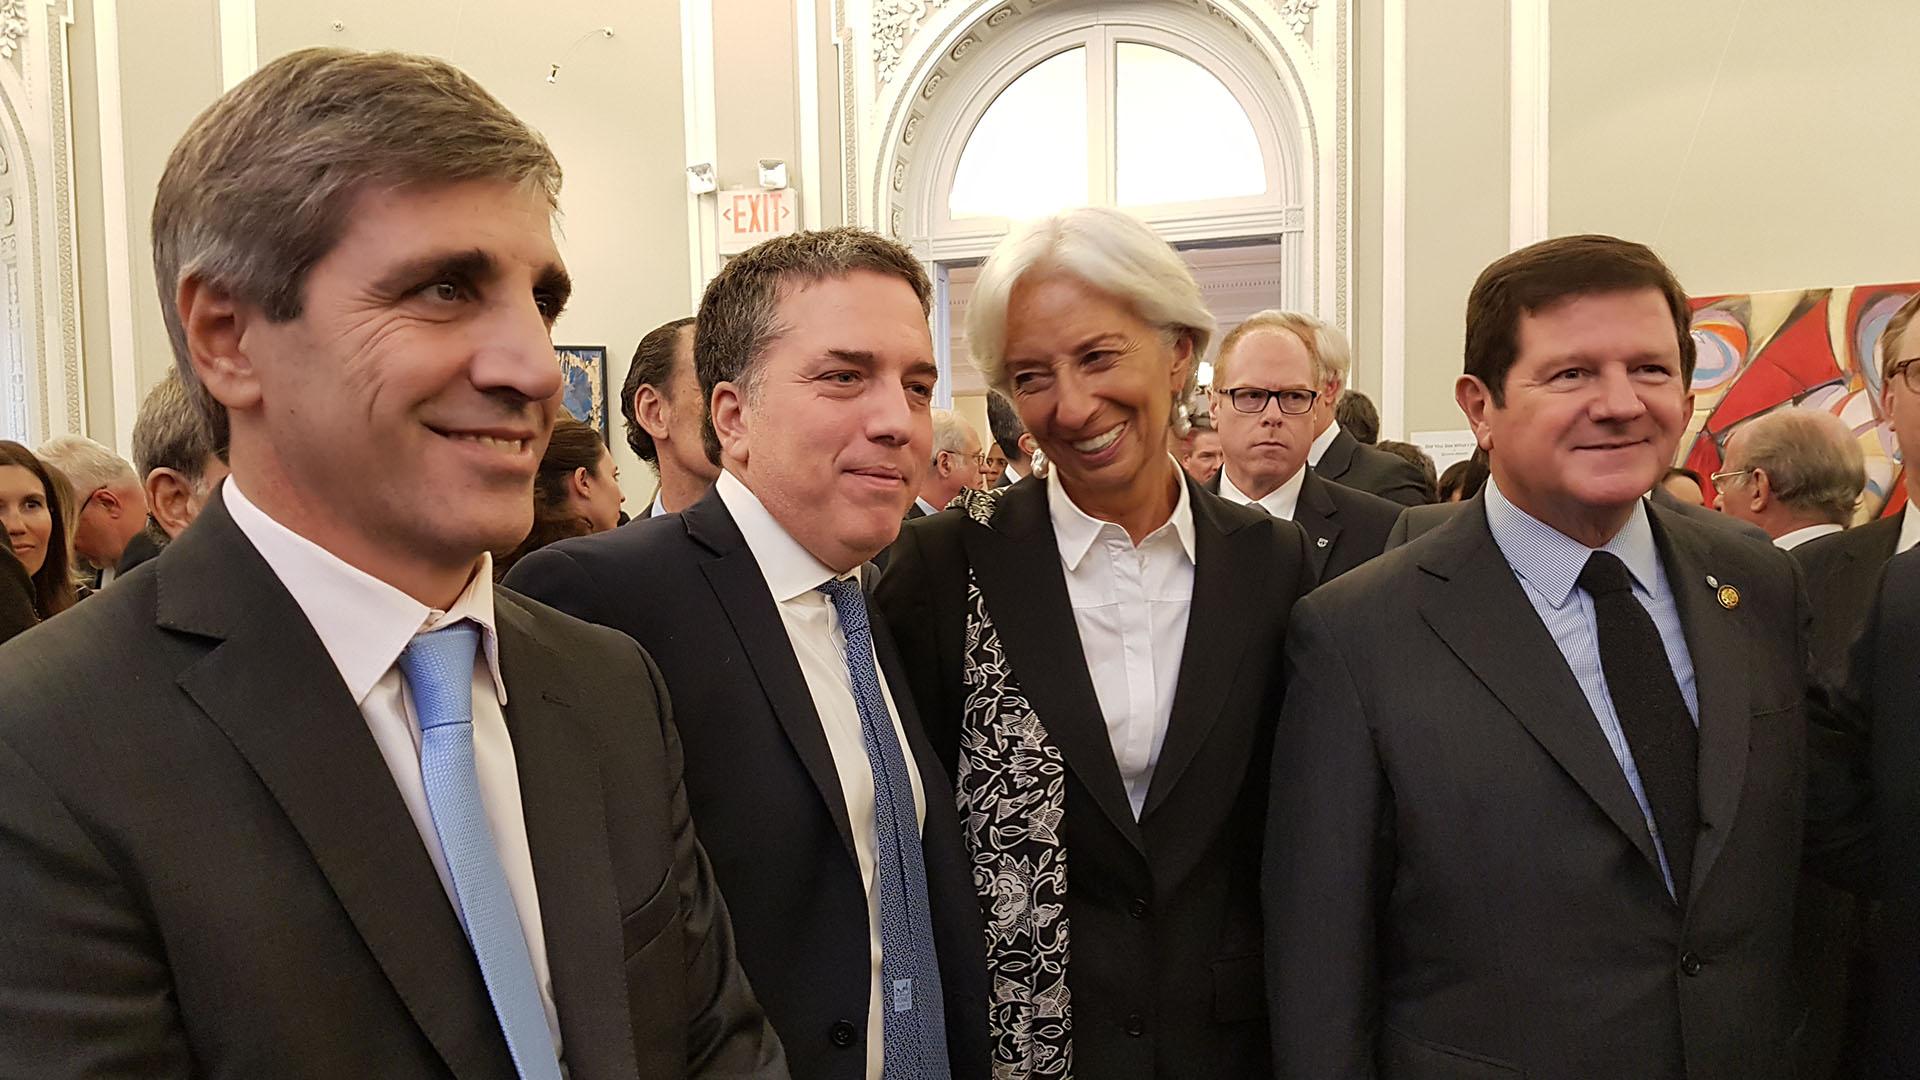 Nuevas medidas económicas en Argentina ante acuerdo con el FMI